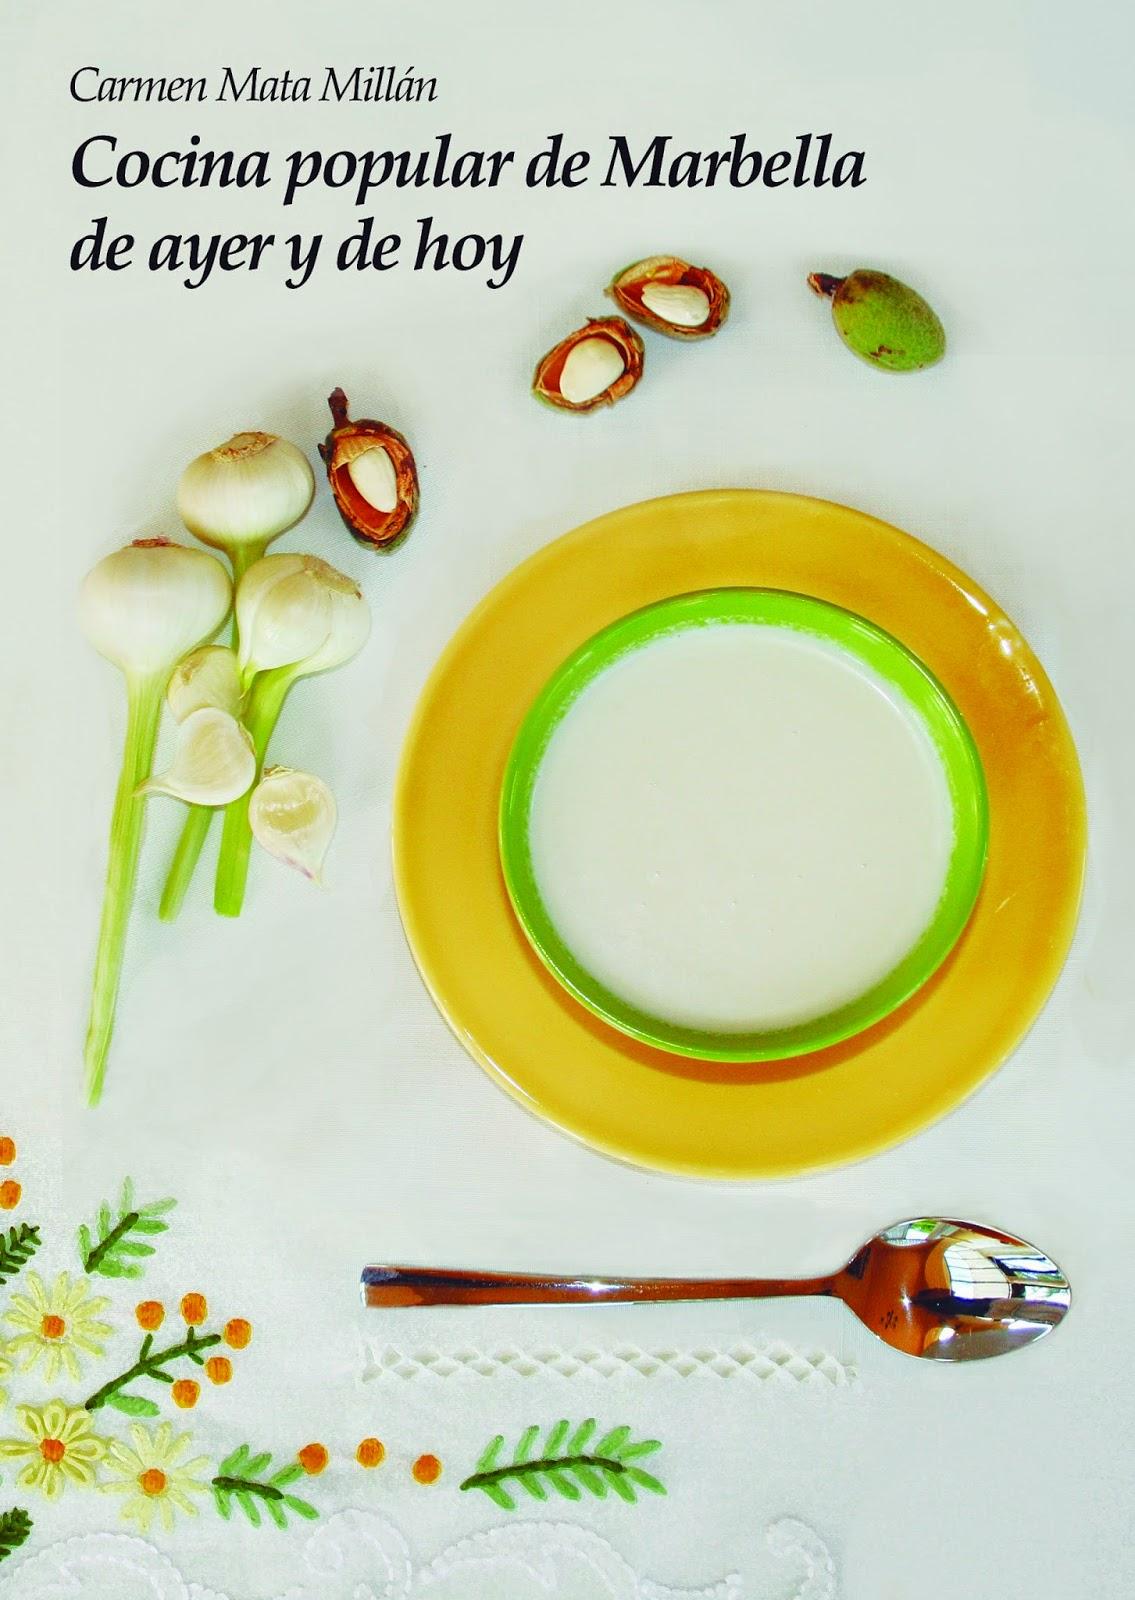 Adquiere mi libro Cocina popular de Marbella